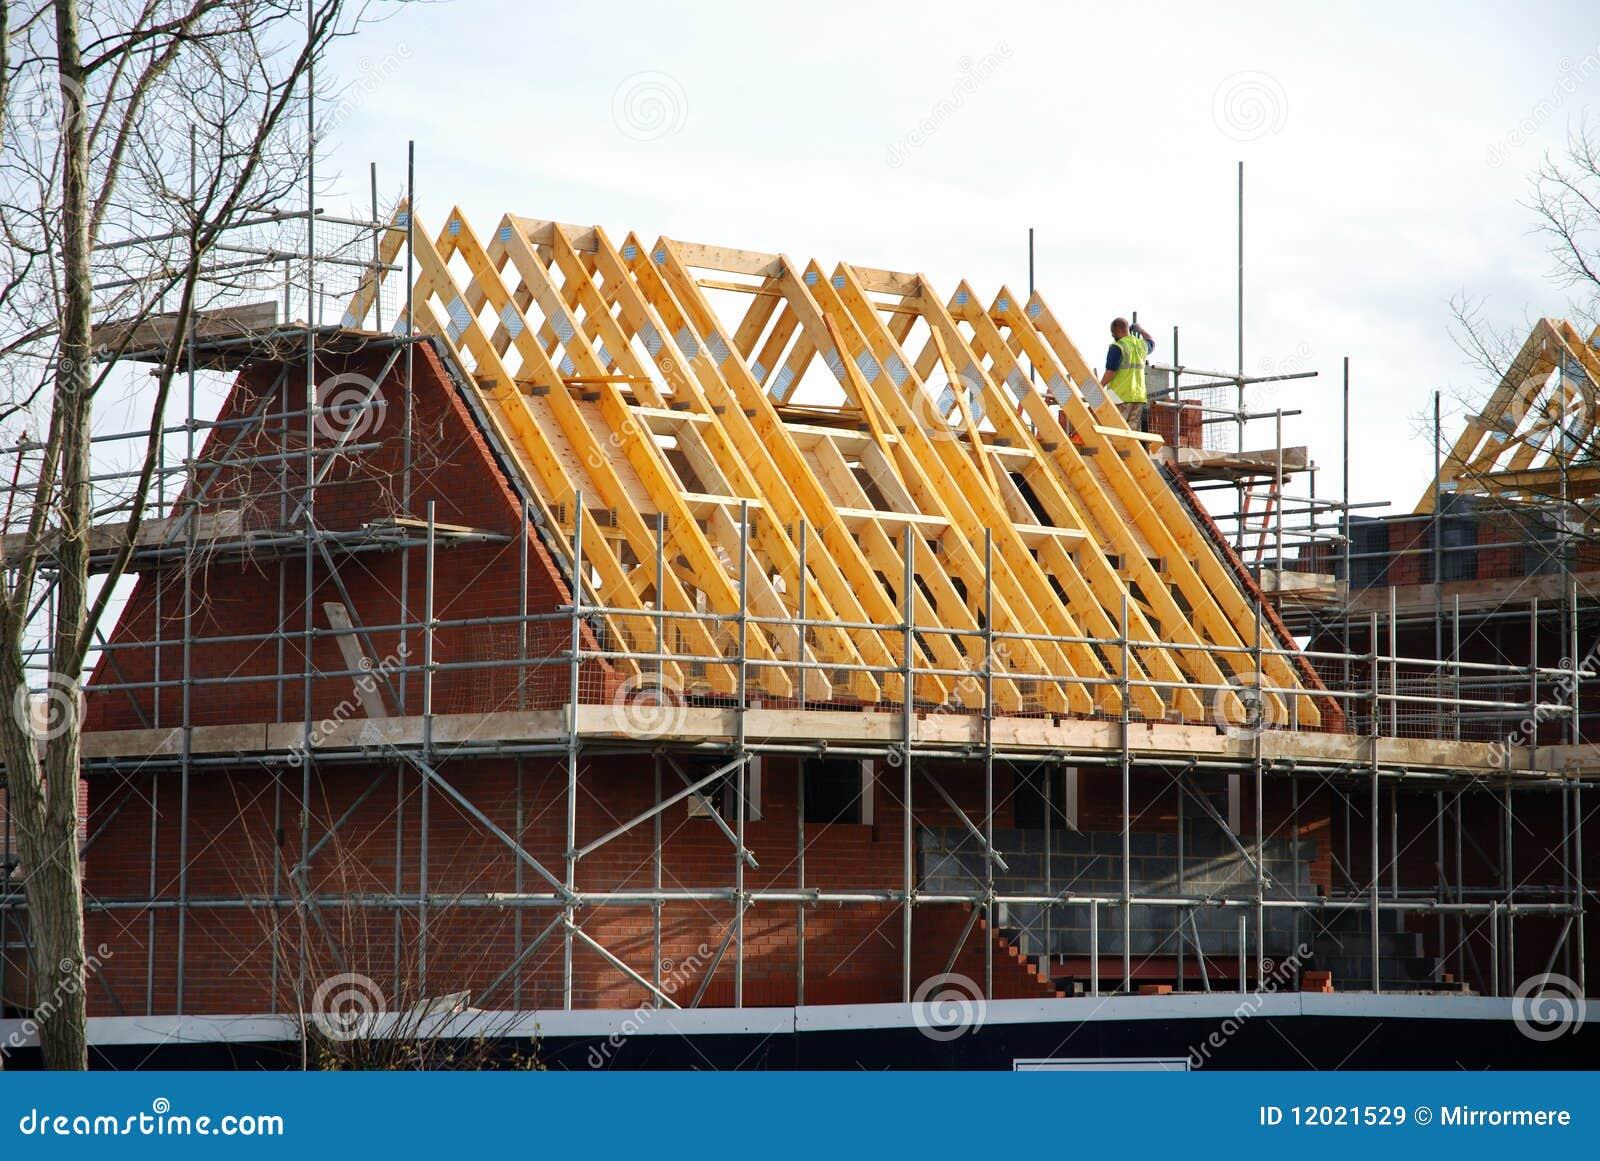 Nieuw bouw huis stock afbeelding afbeelding bestaande uit hout 12021529 - Nieuw huis ...